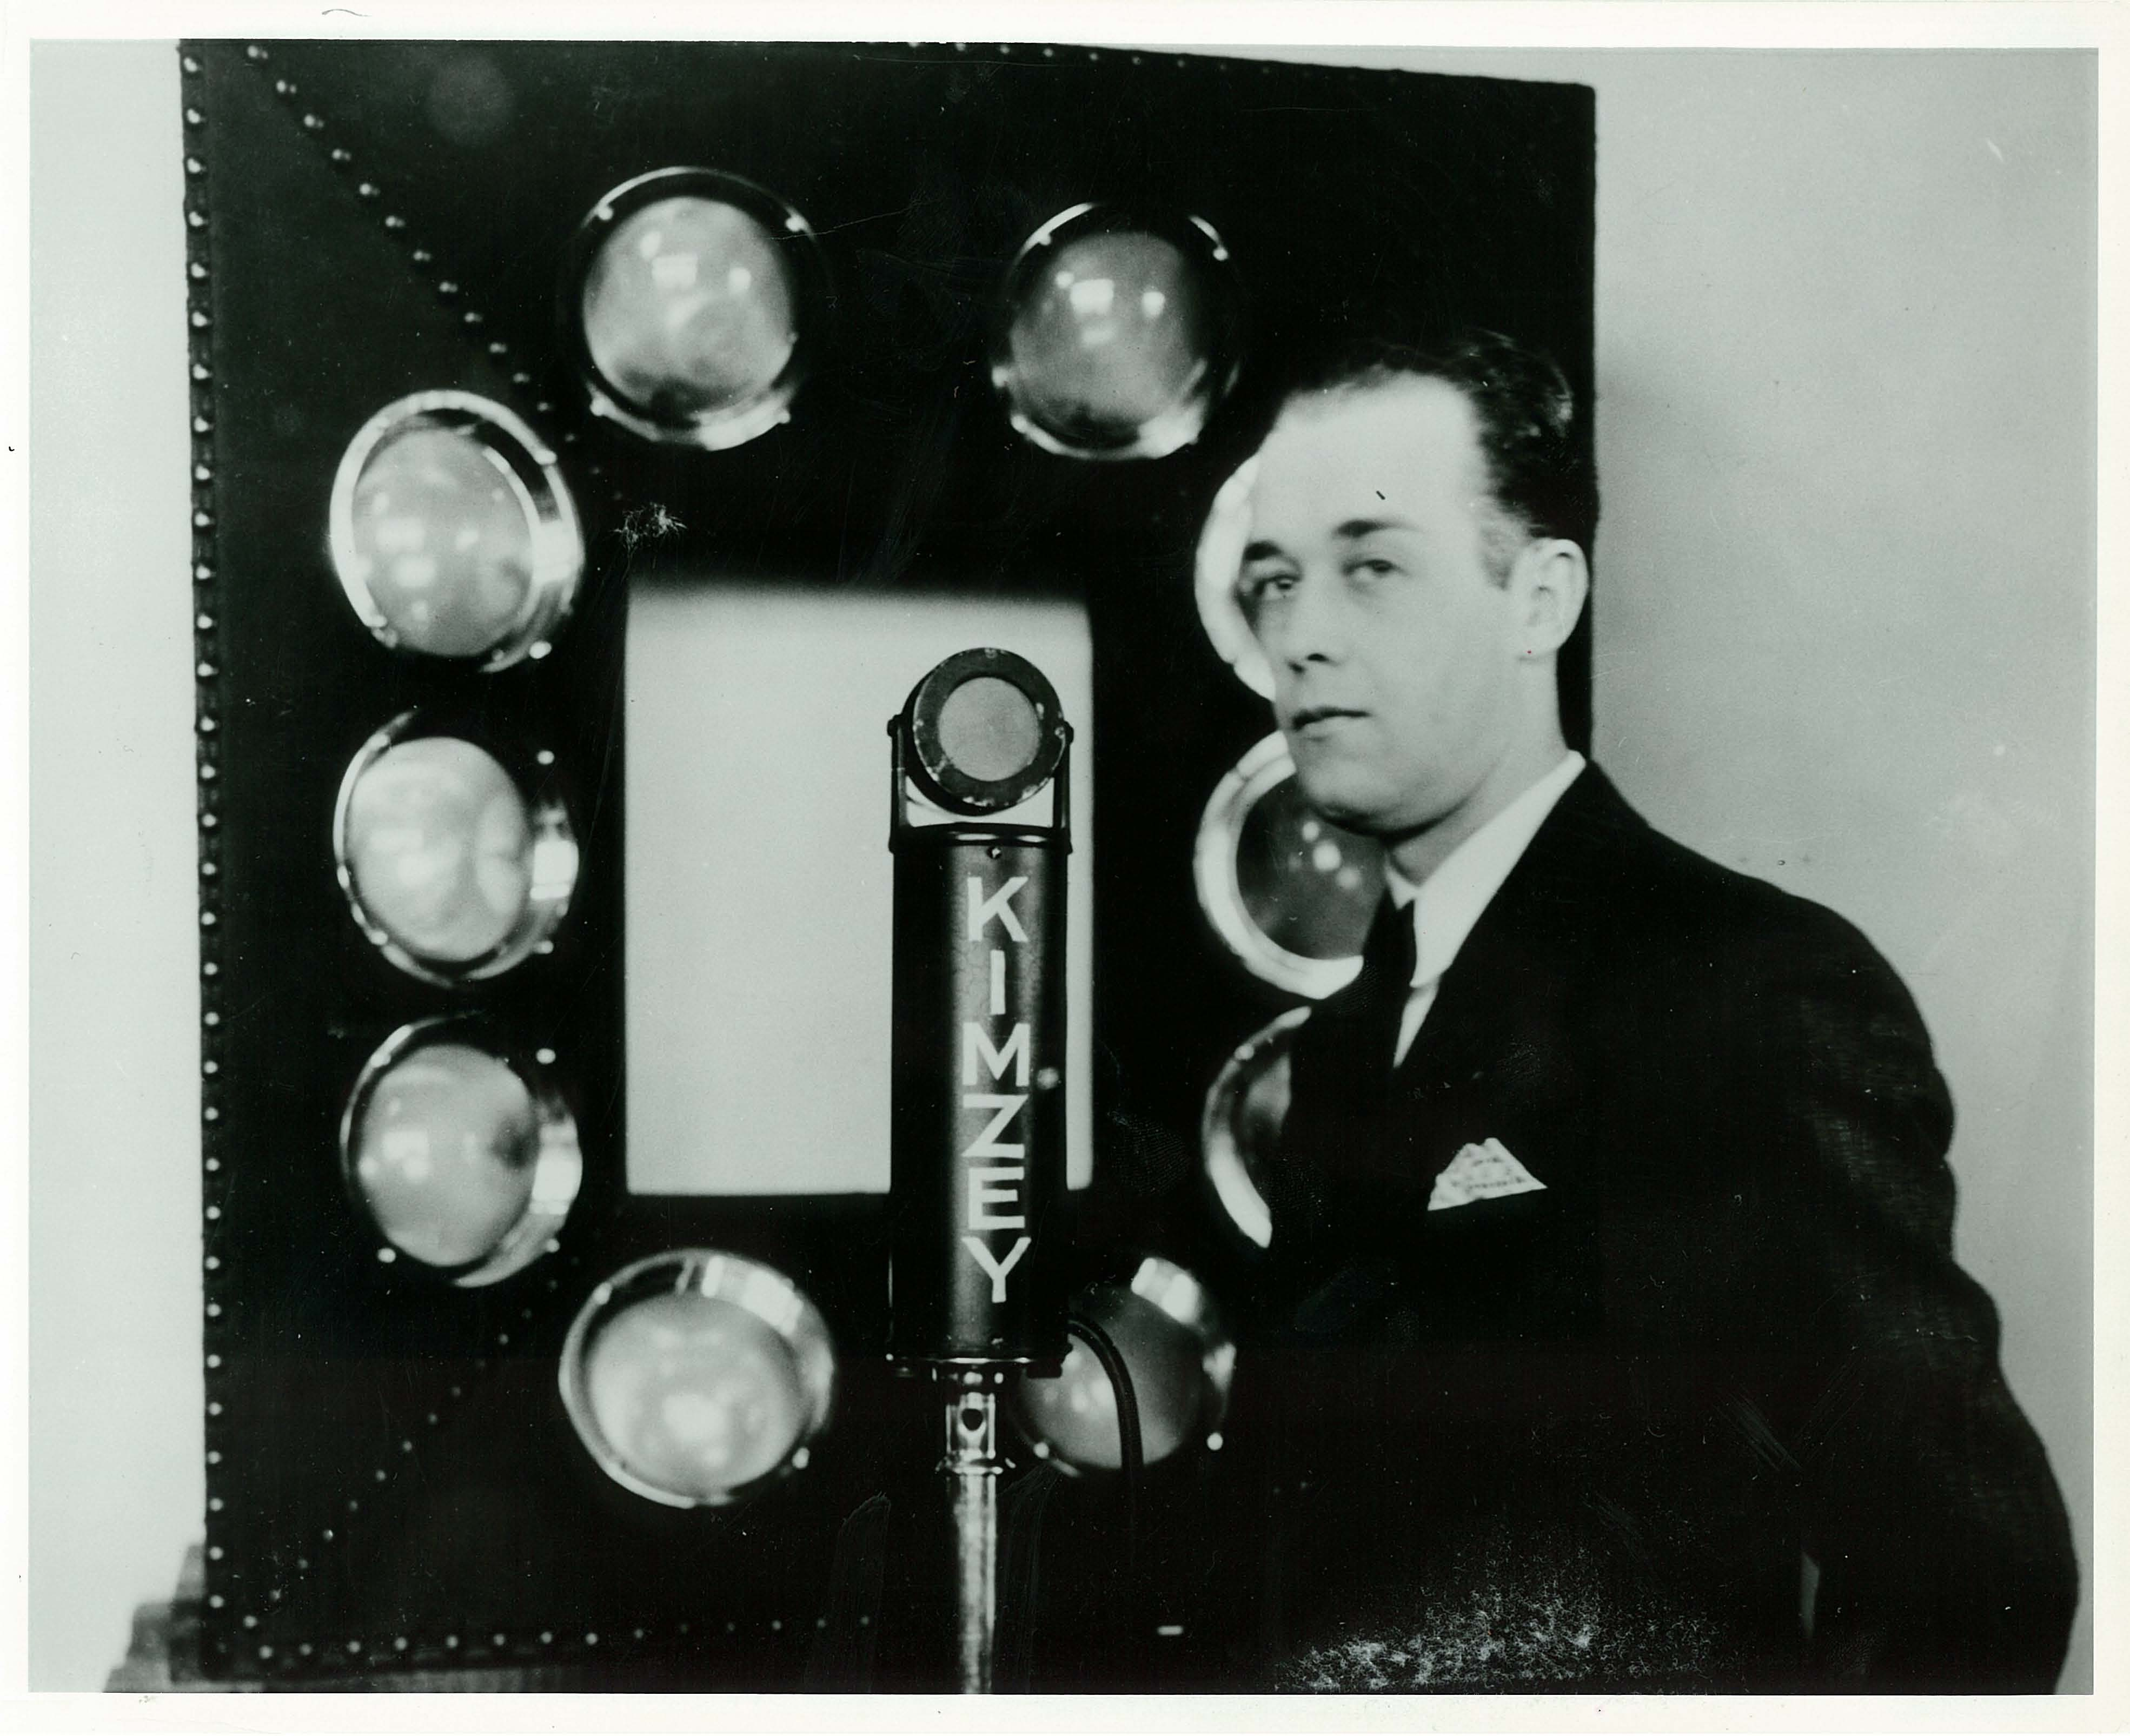 Kimzey's Radio & Television